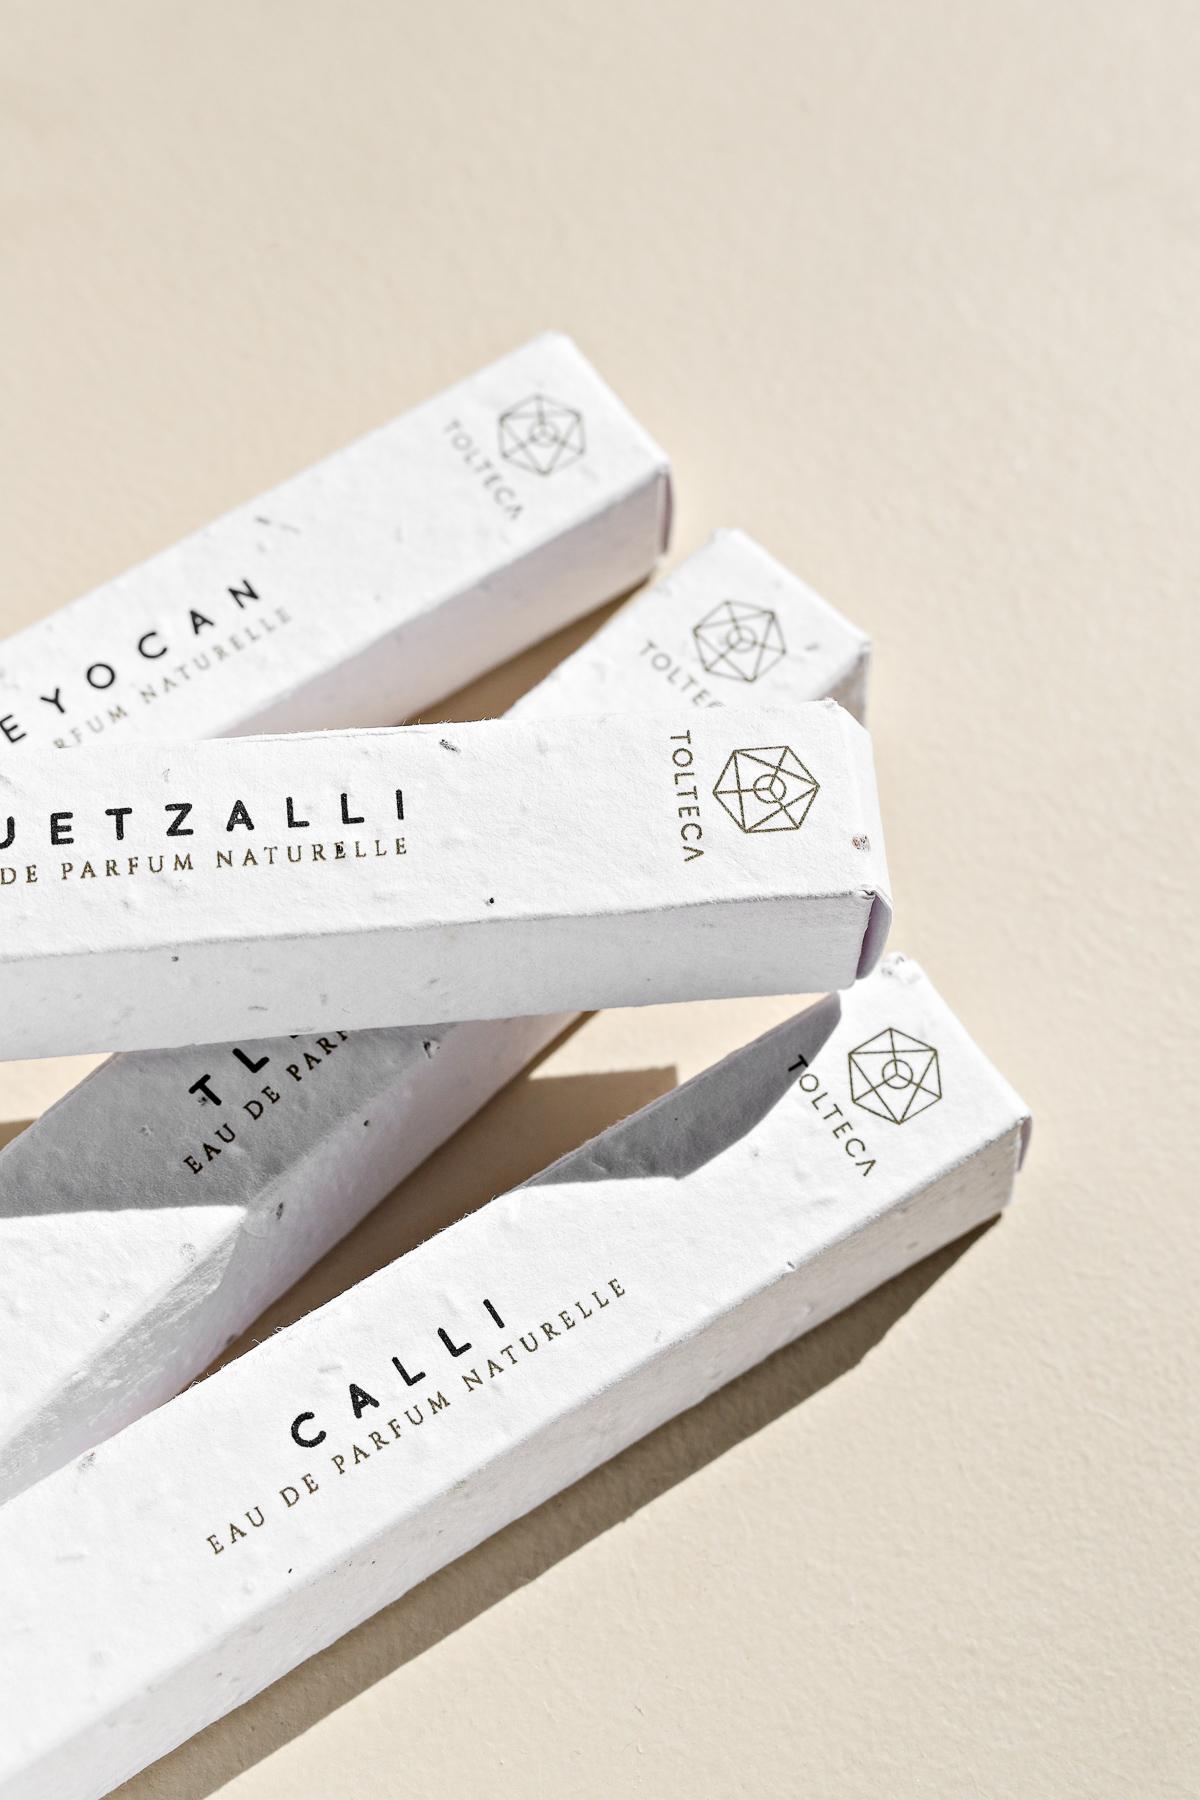 Tolteca parfums voyages vegan